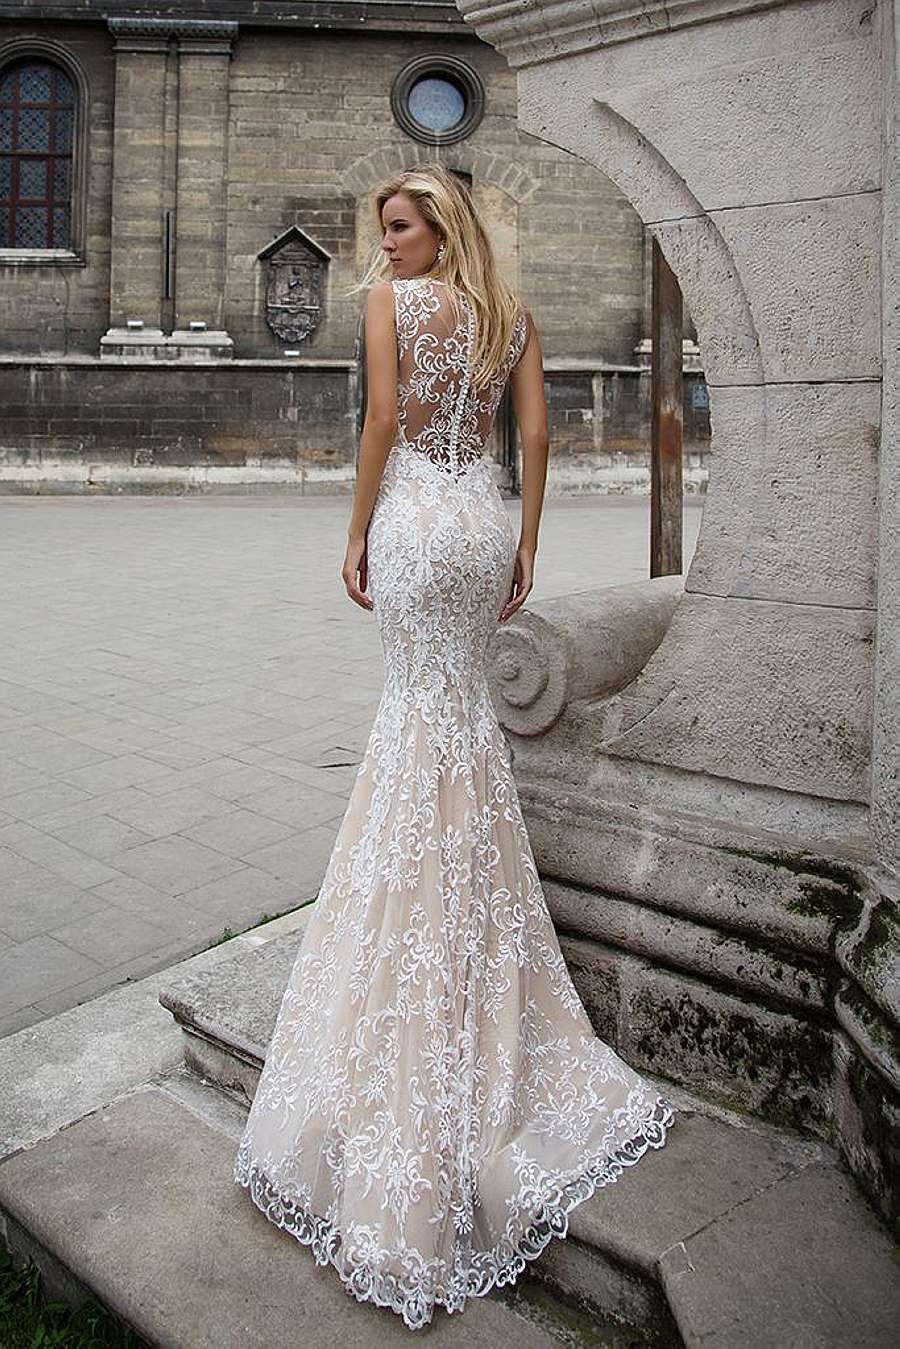 В наличии более платьев свадебные, вечерние и детские огромное количество свадебных принадлежностей собственный автопарк лимузинов моск.